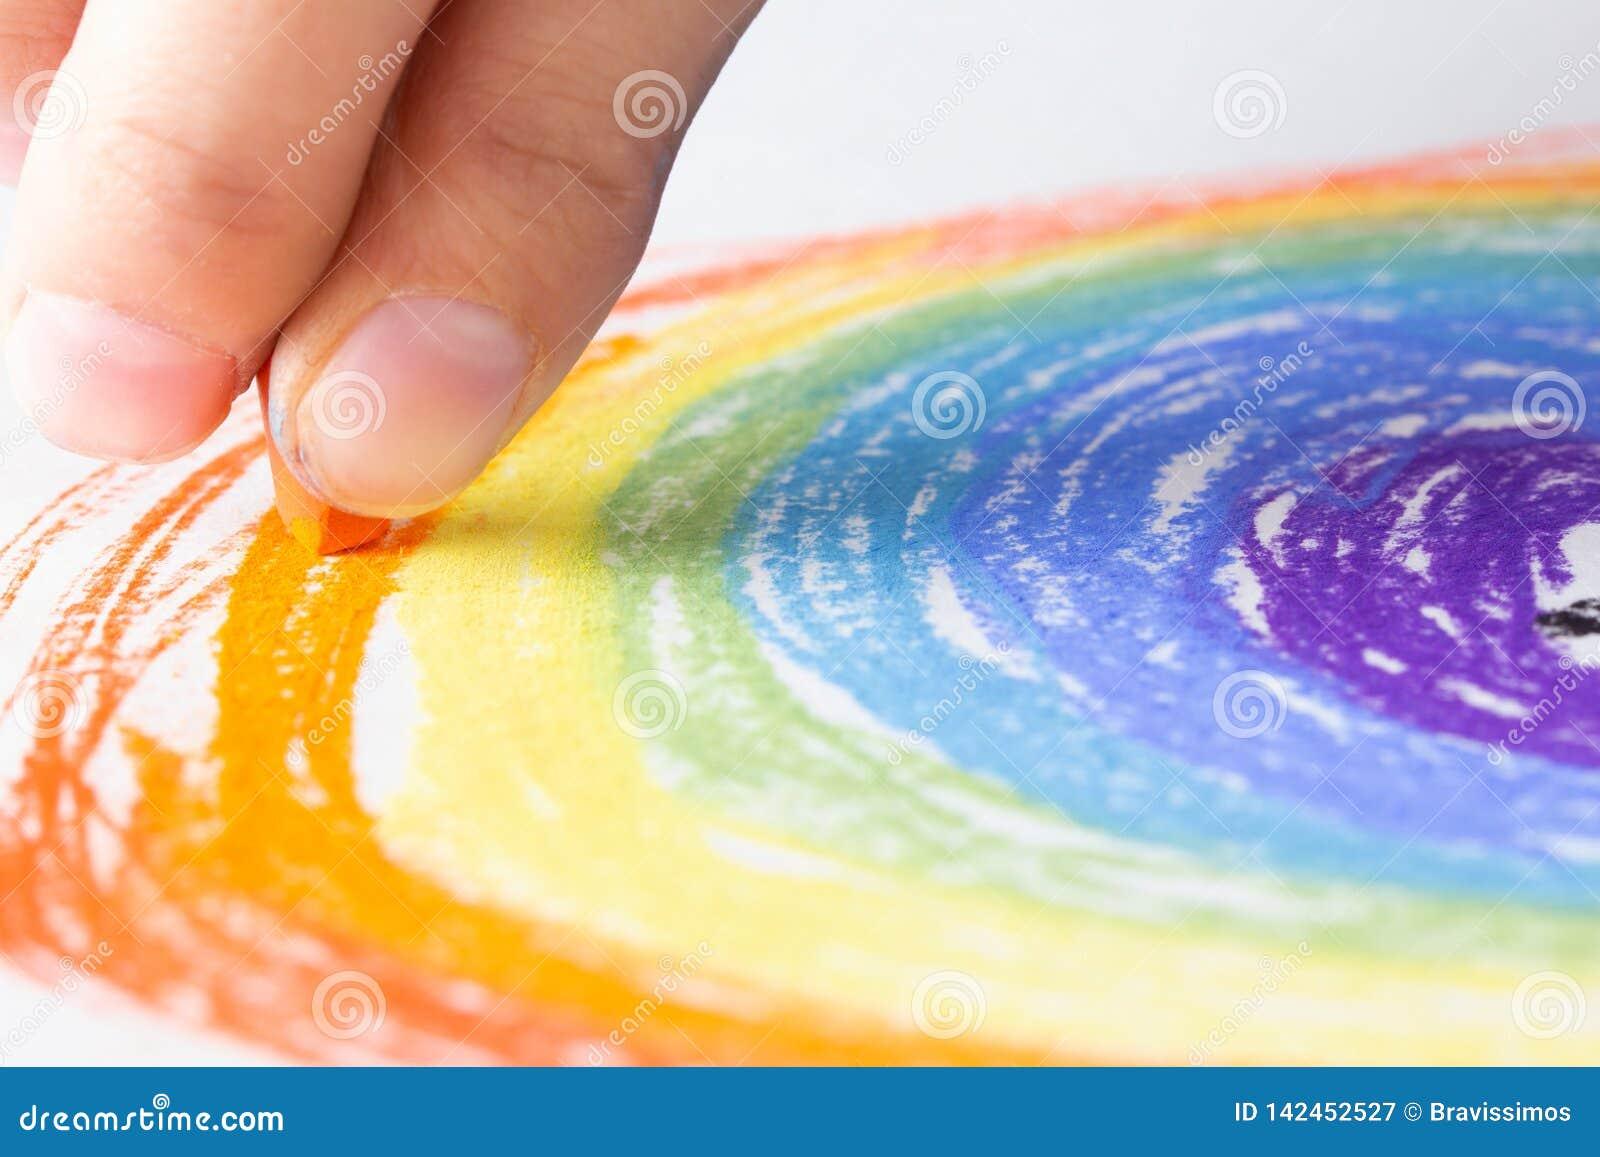 Marque el arte con tiza en el fondo del papel y el arco iris del dibujo, creativos